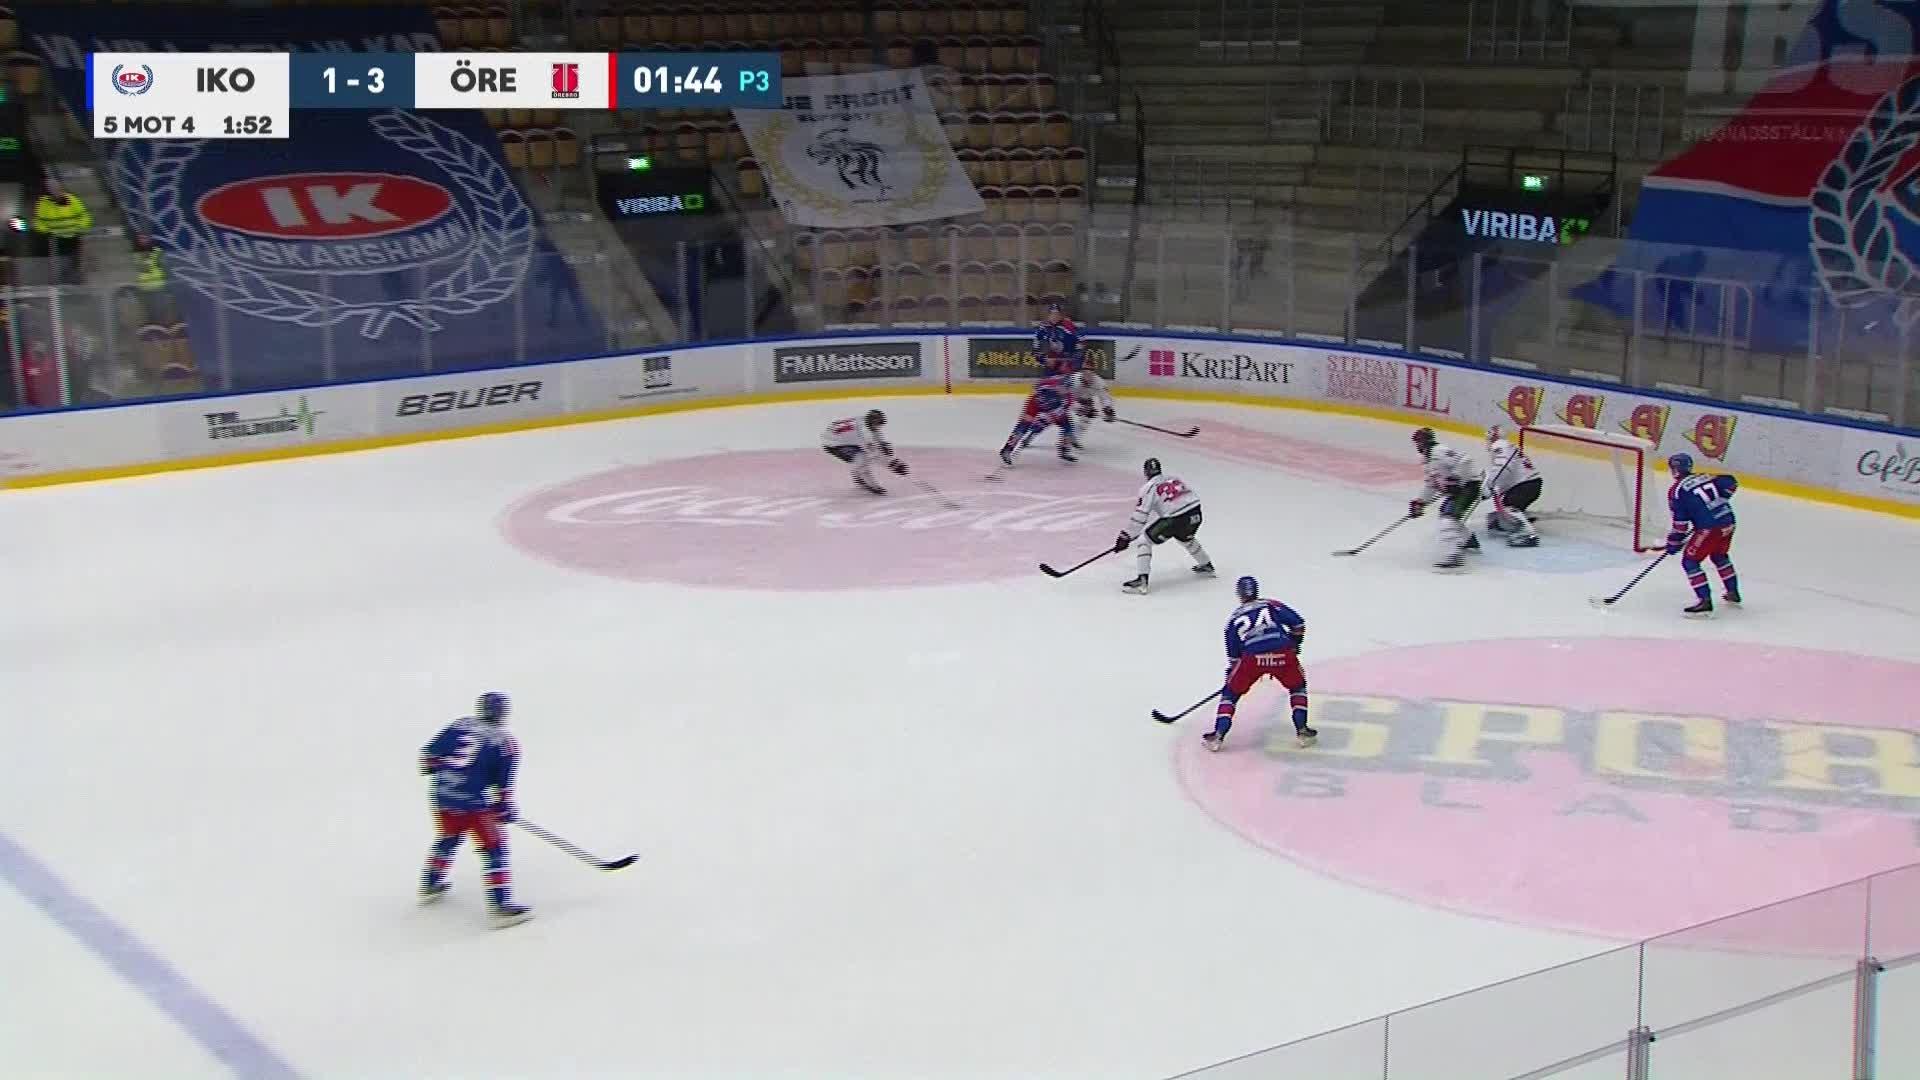 IK Oskarshamn - Örebro Hockey 2-3